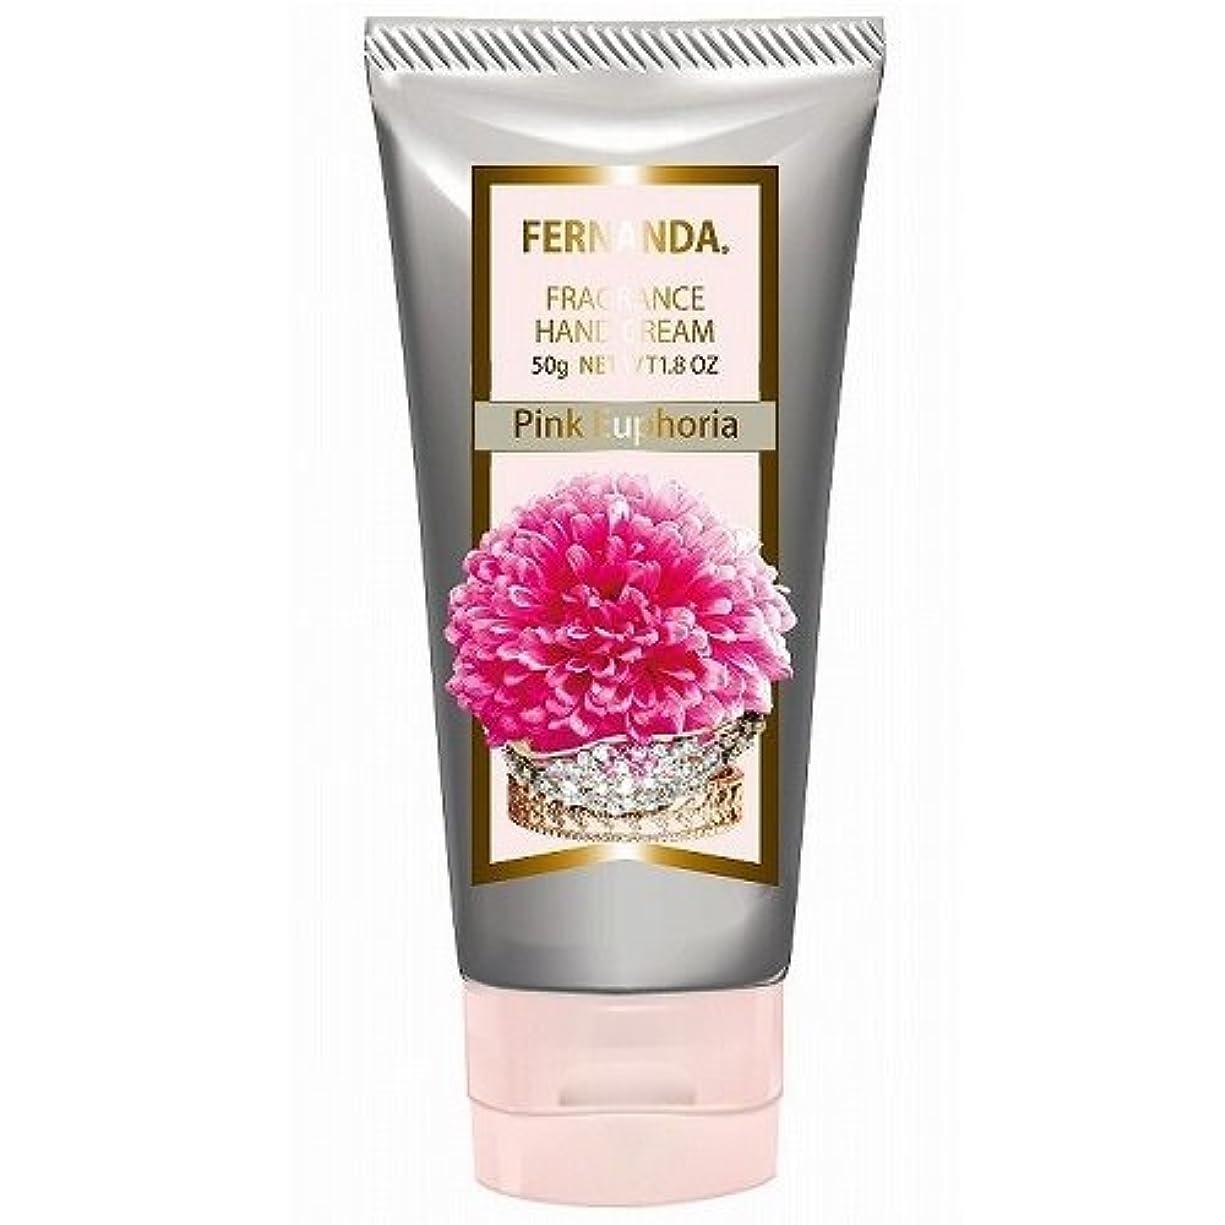 生きる素敵なFERNANDA(フェルナンダ) Hand Cream Pink Euphoria (ハンドクリーム ピンクエウフォリア)